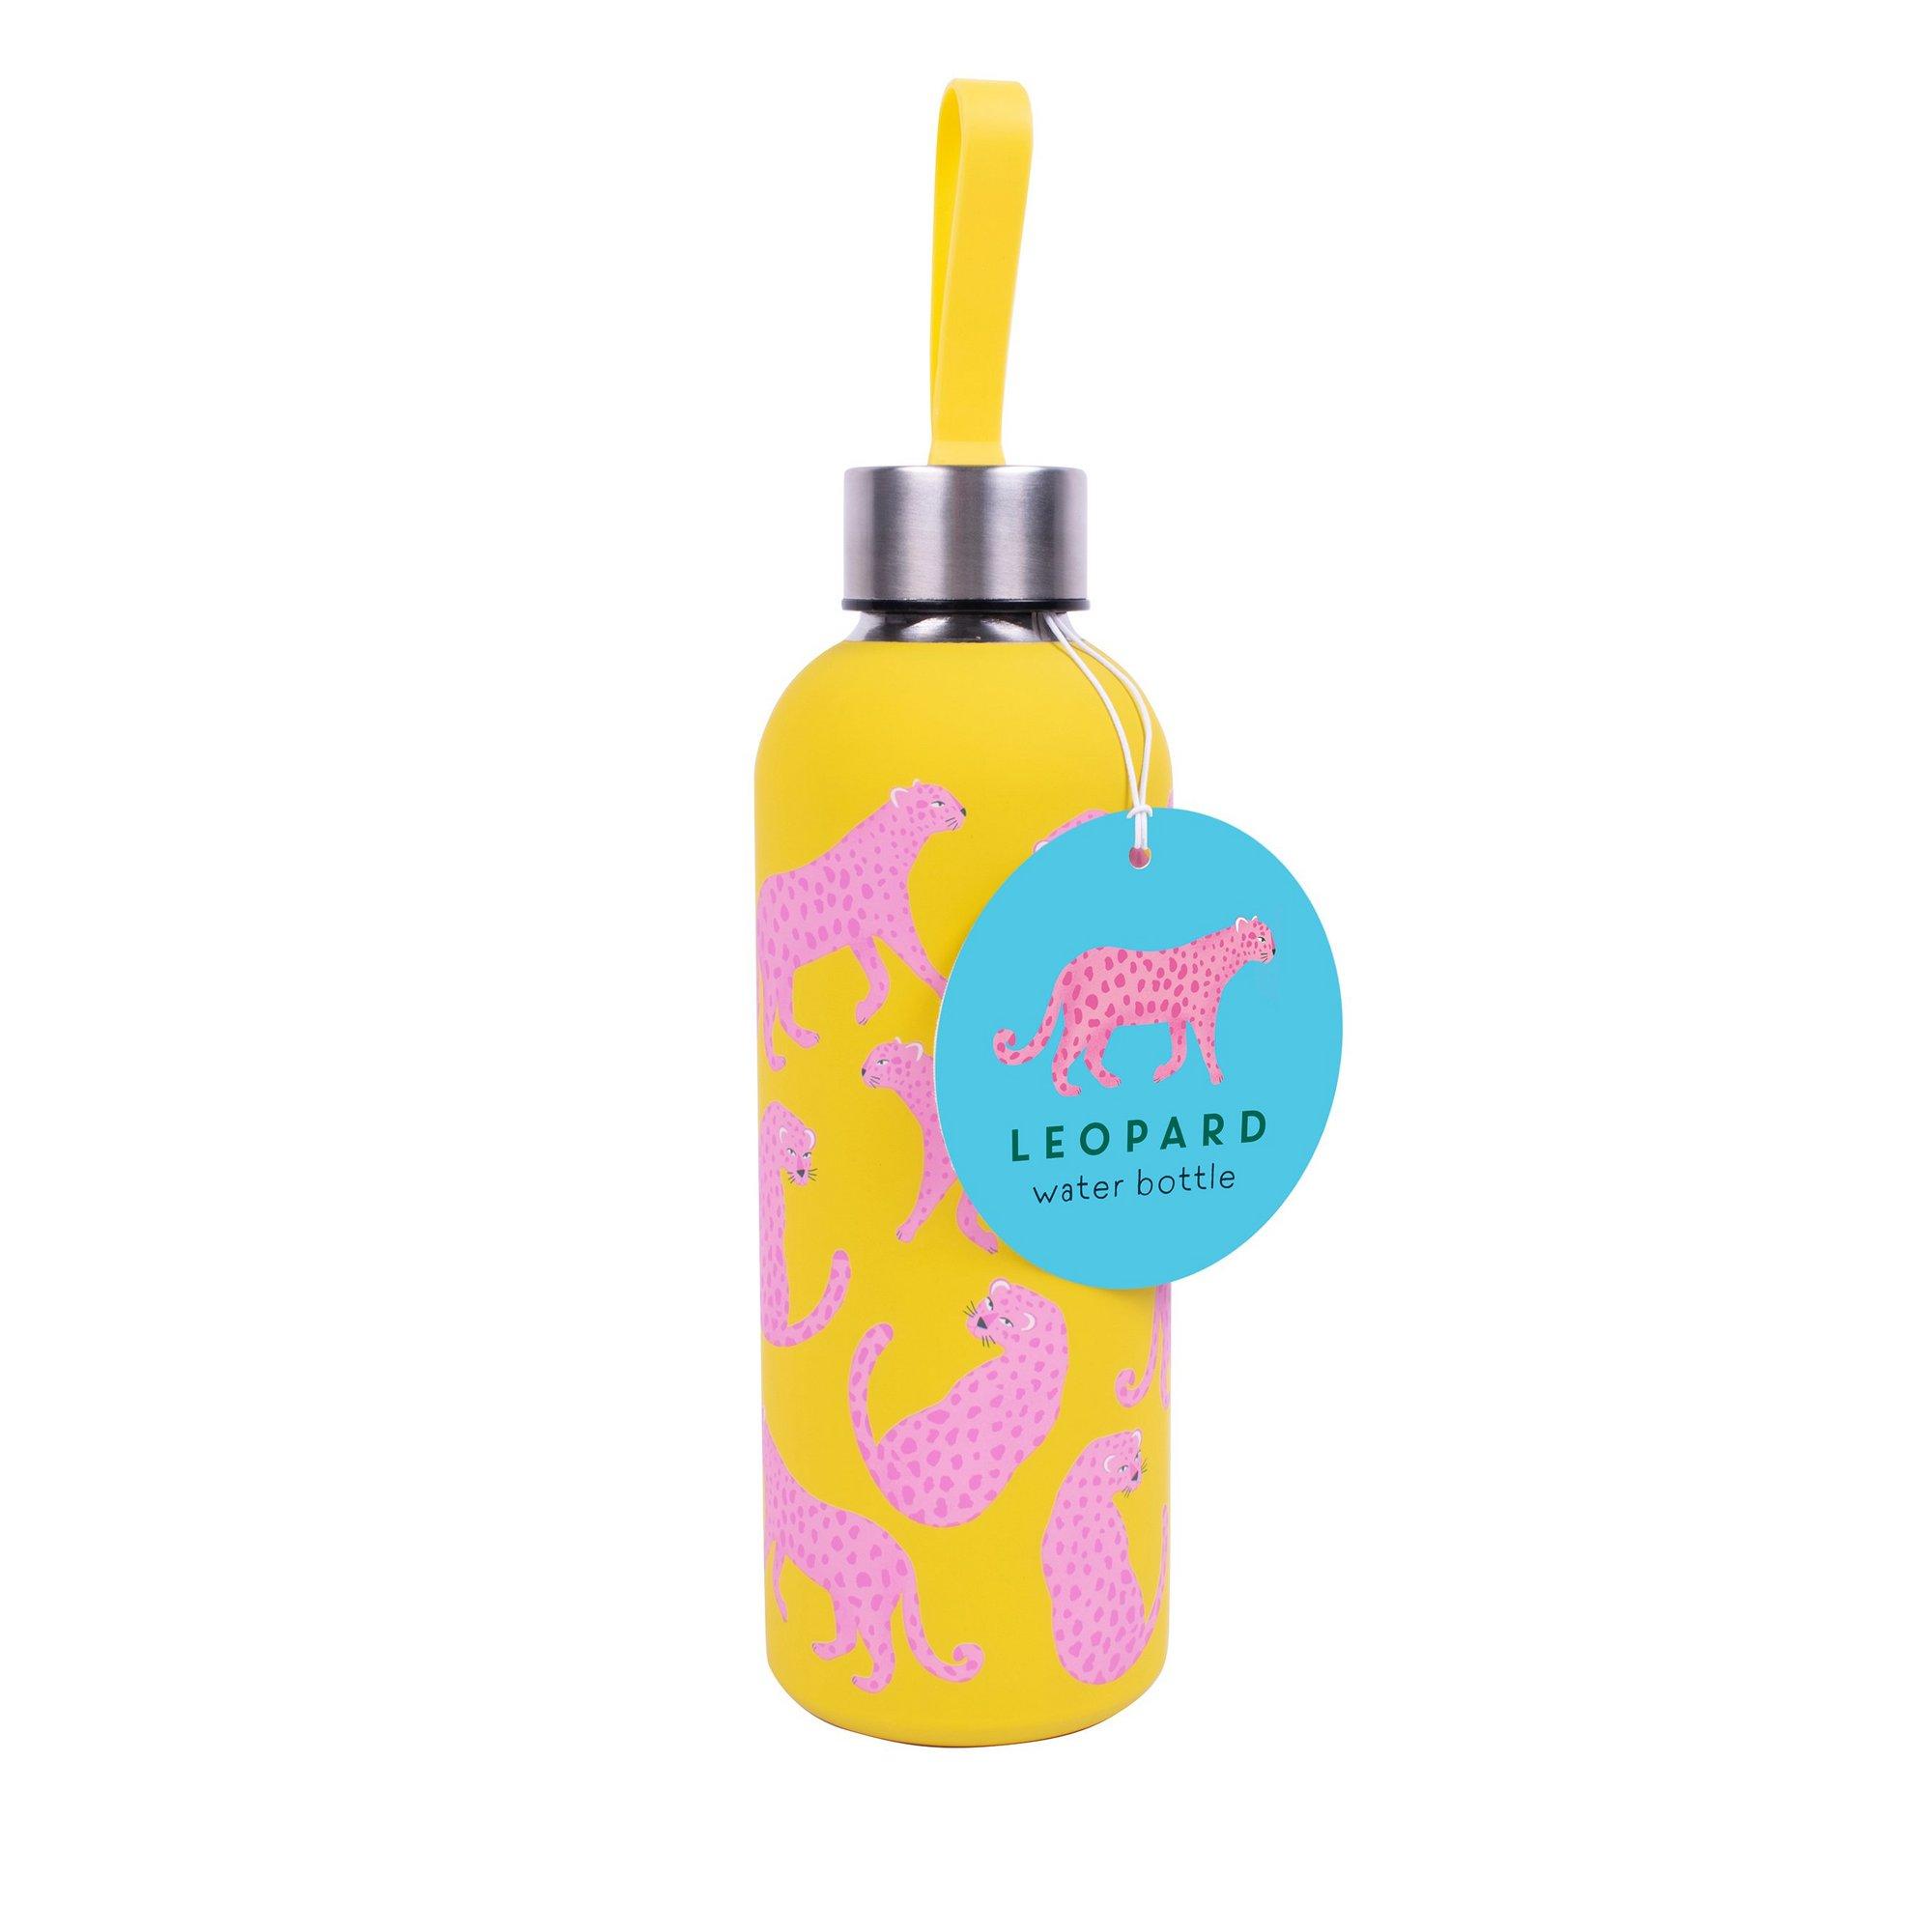 Image of Leopard Water Bottle